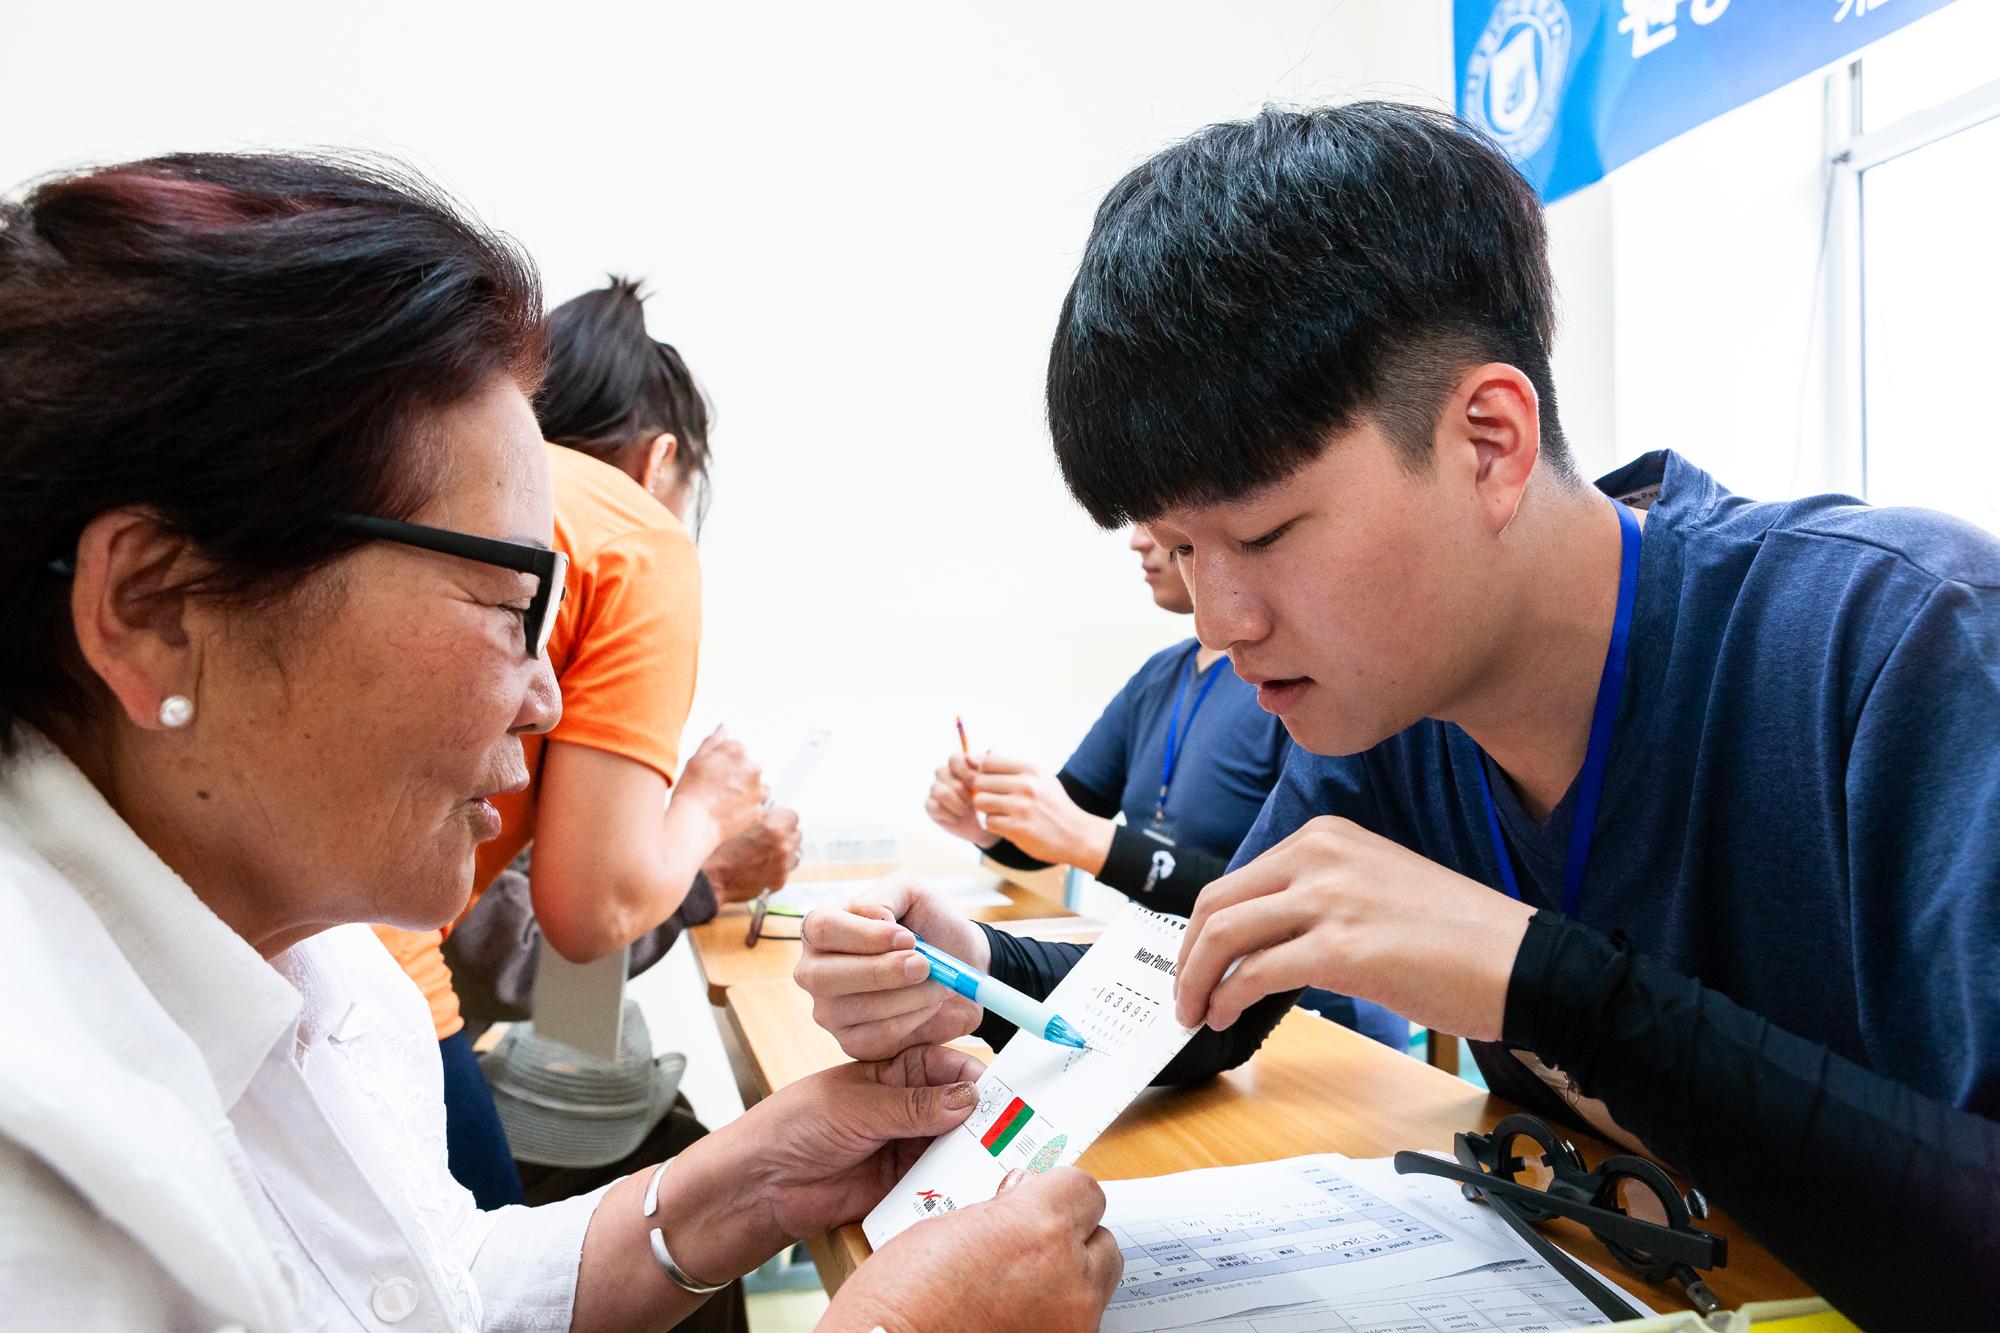 원광보건대학교, 농촌재능나눔 대학생 활동 지원사업 선정